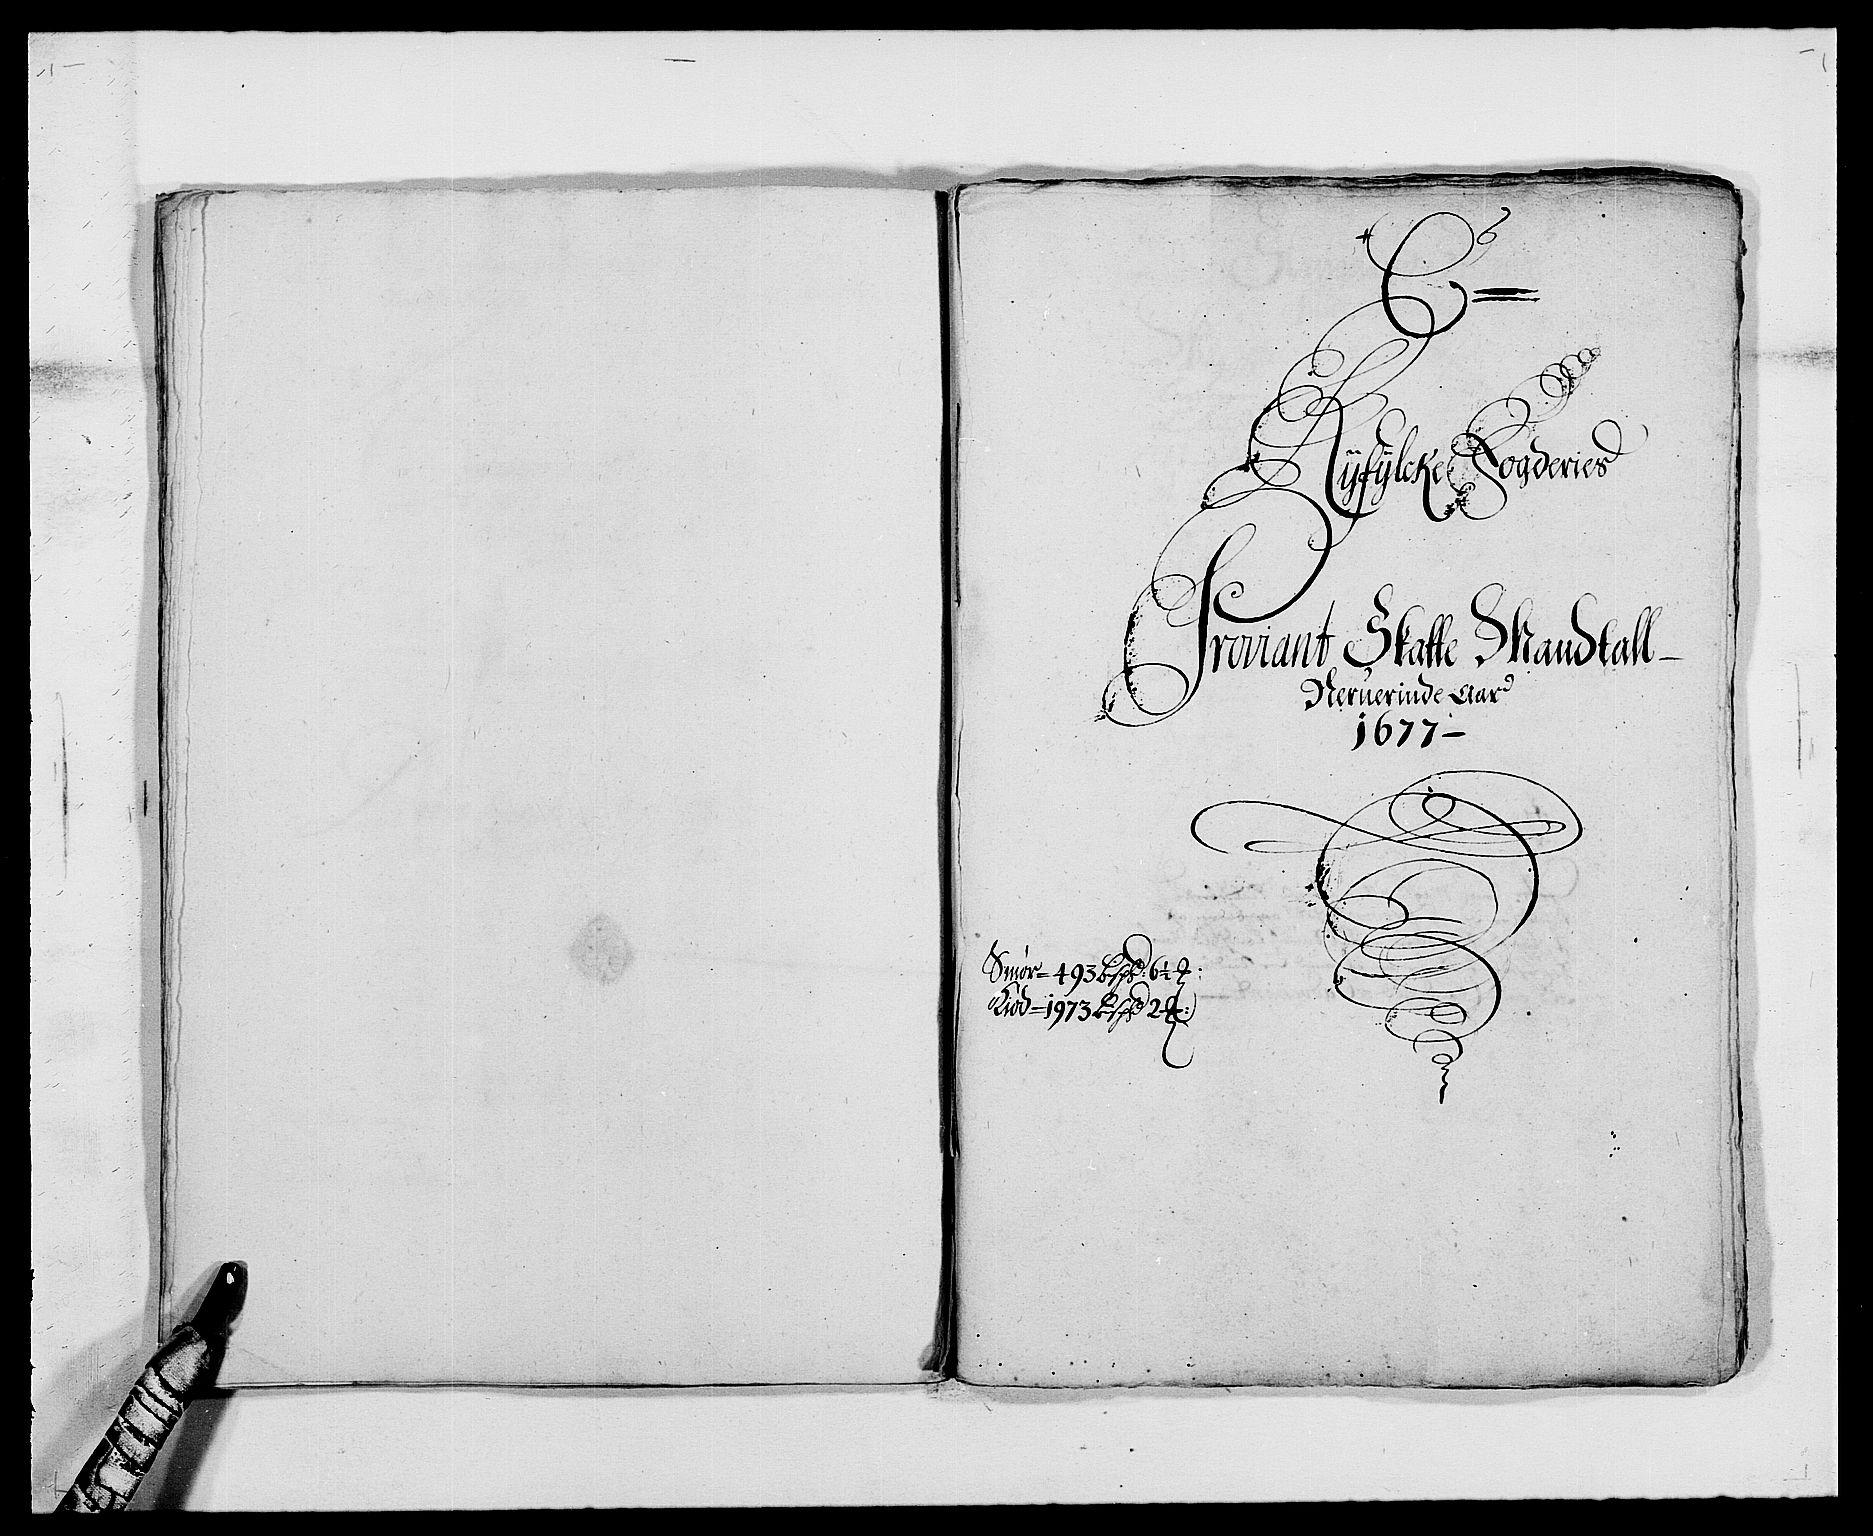 RA, Rentekammeret inntil 1814, Reviderte regnskaper, Fogderegnskap, R47/L2847: Fogderegnskap Ryfylke, 1677, s. 82